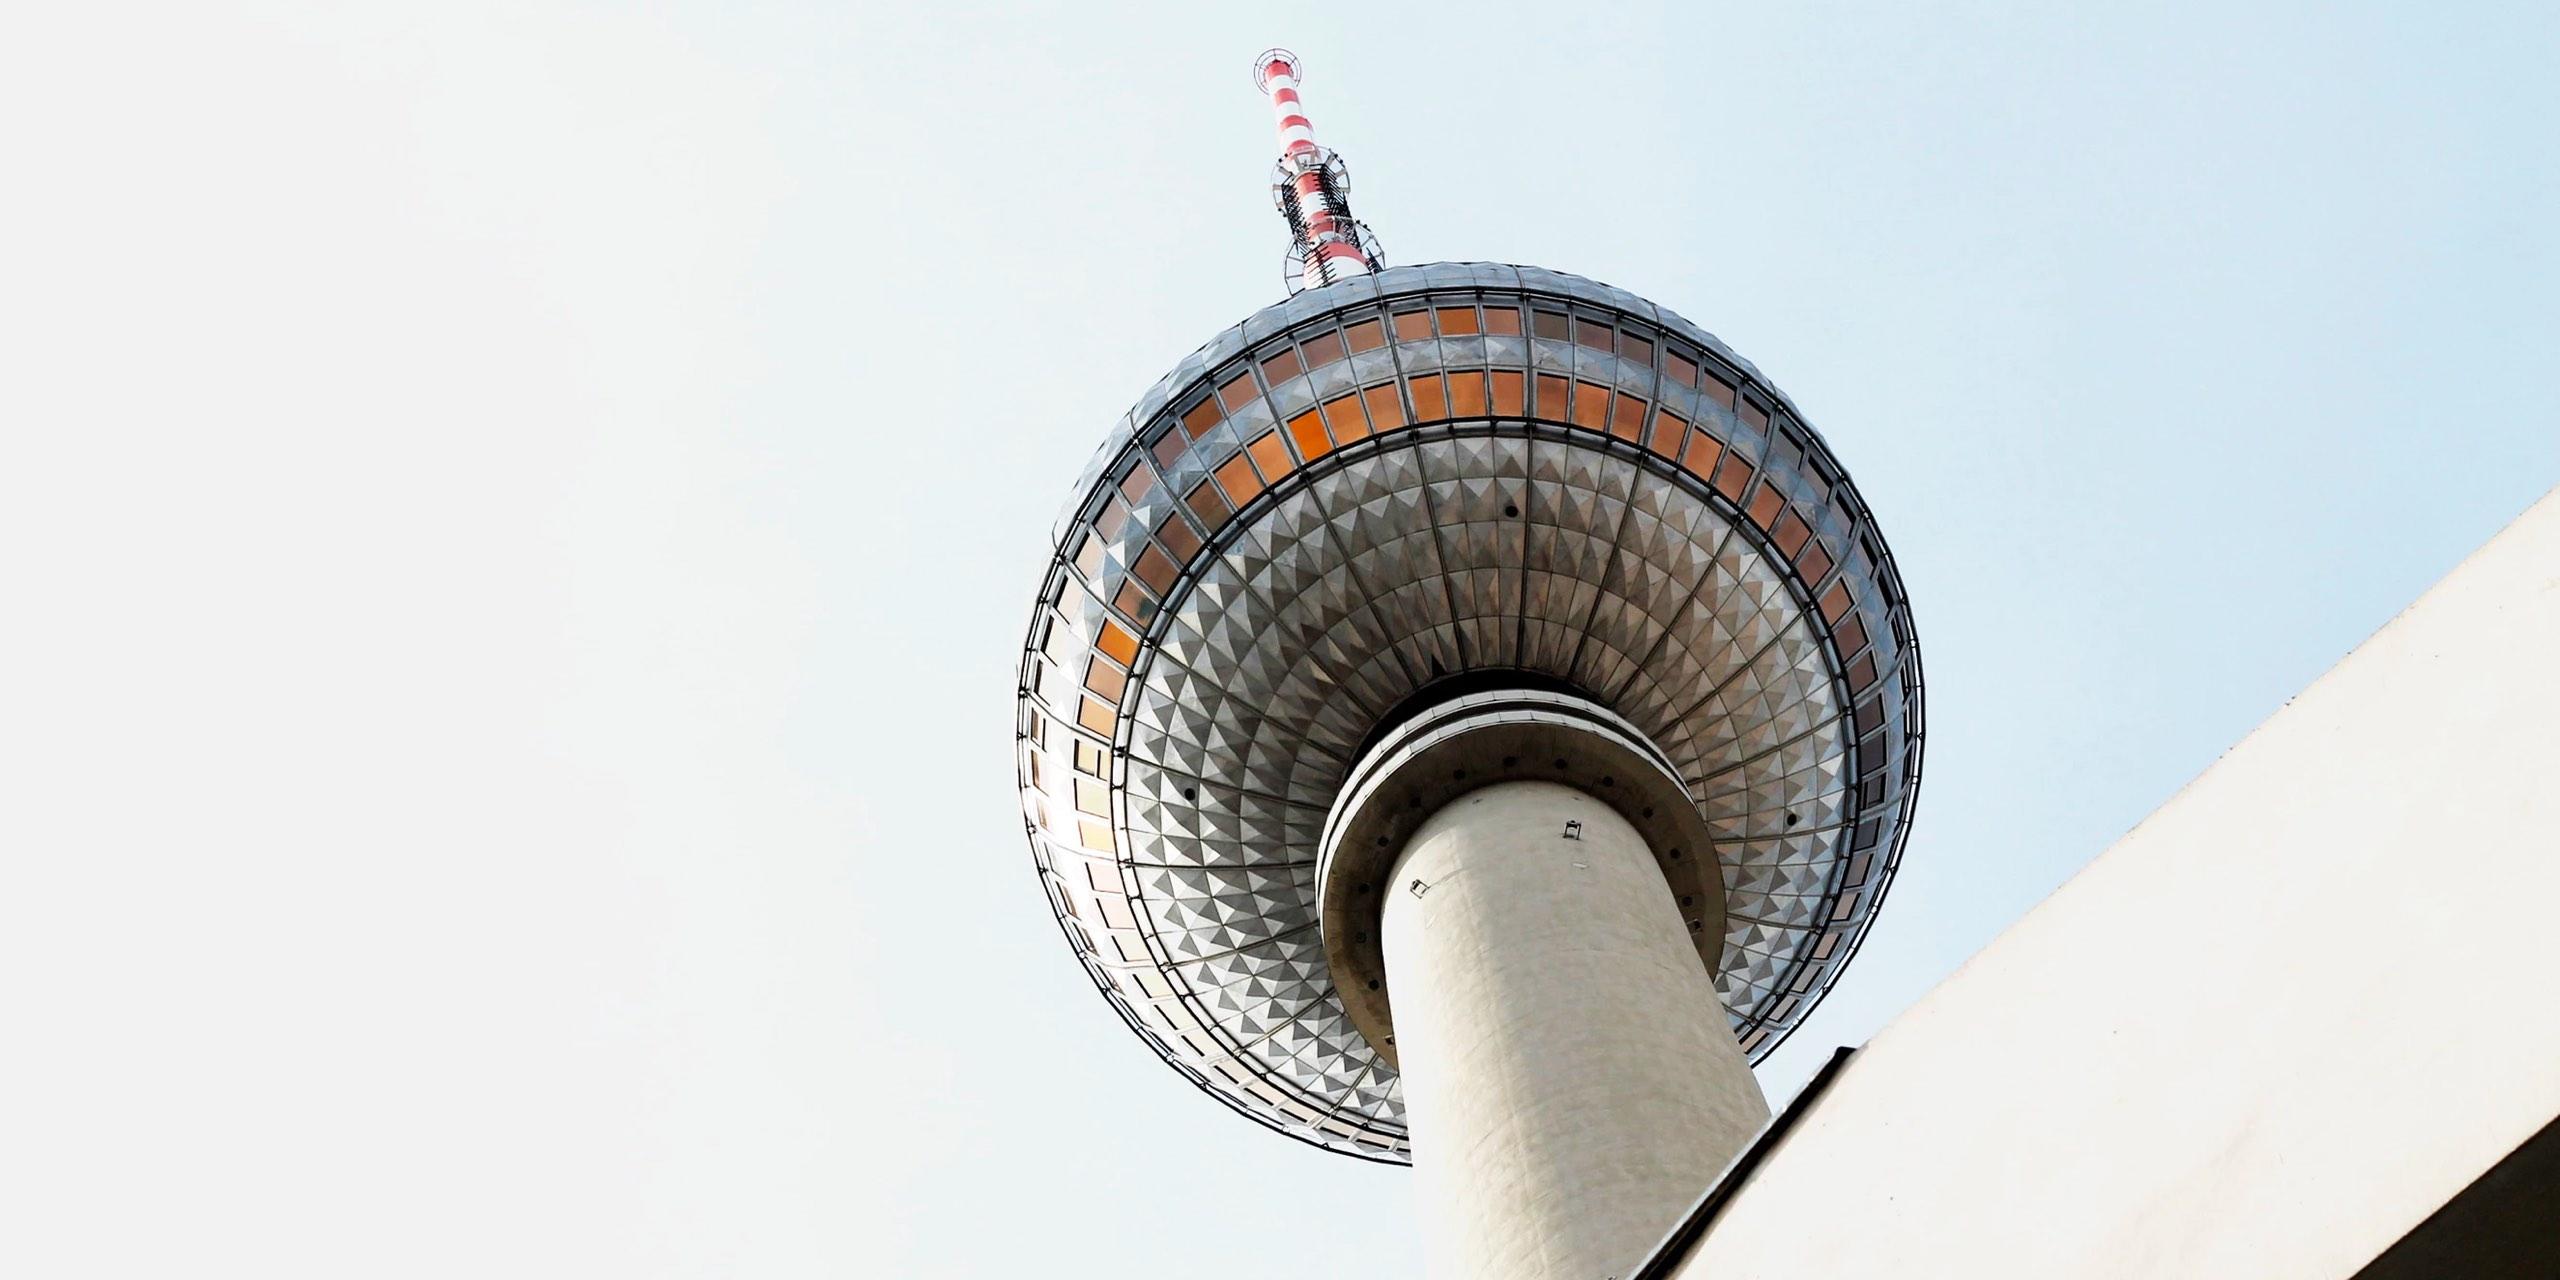 Fernsehturm – Berlin